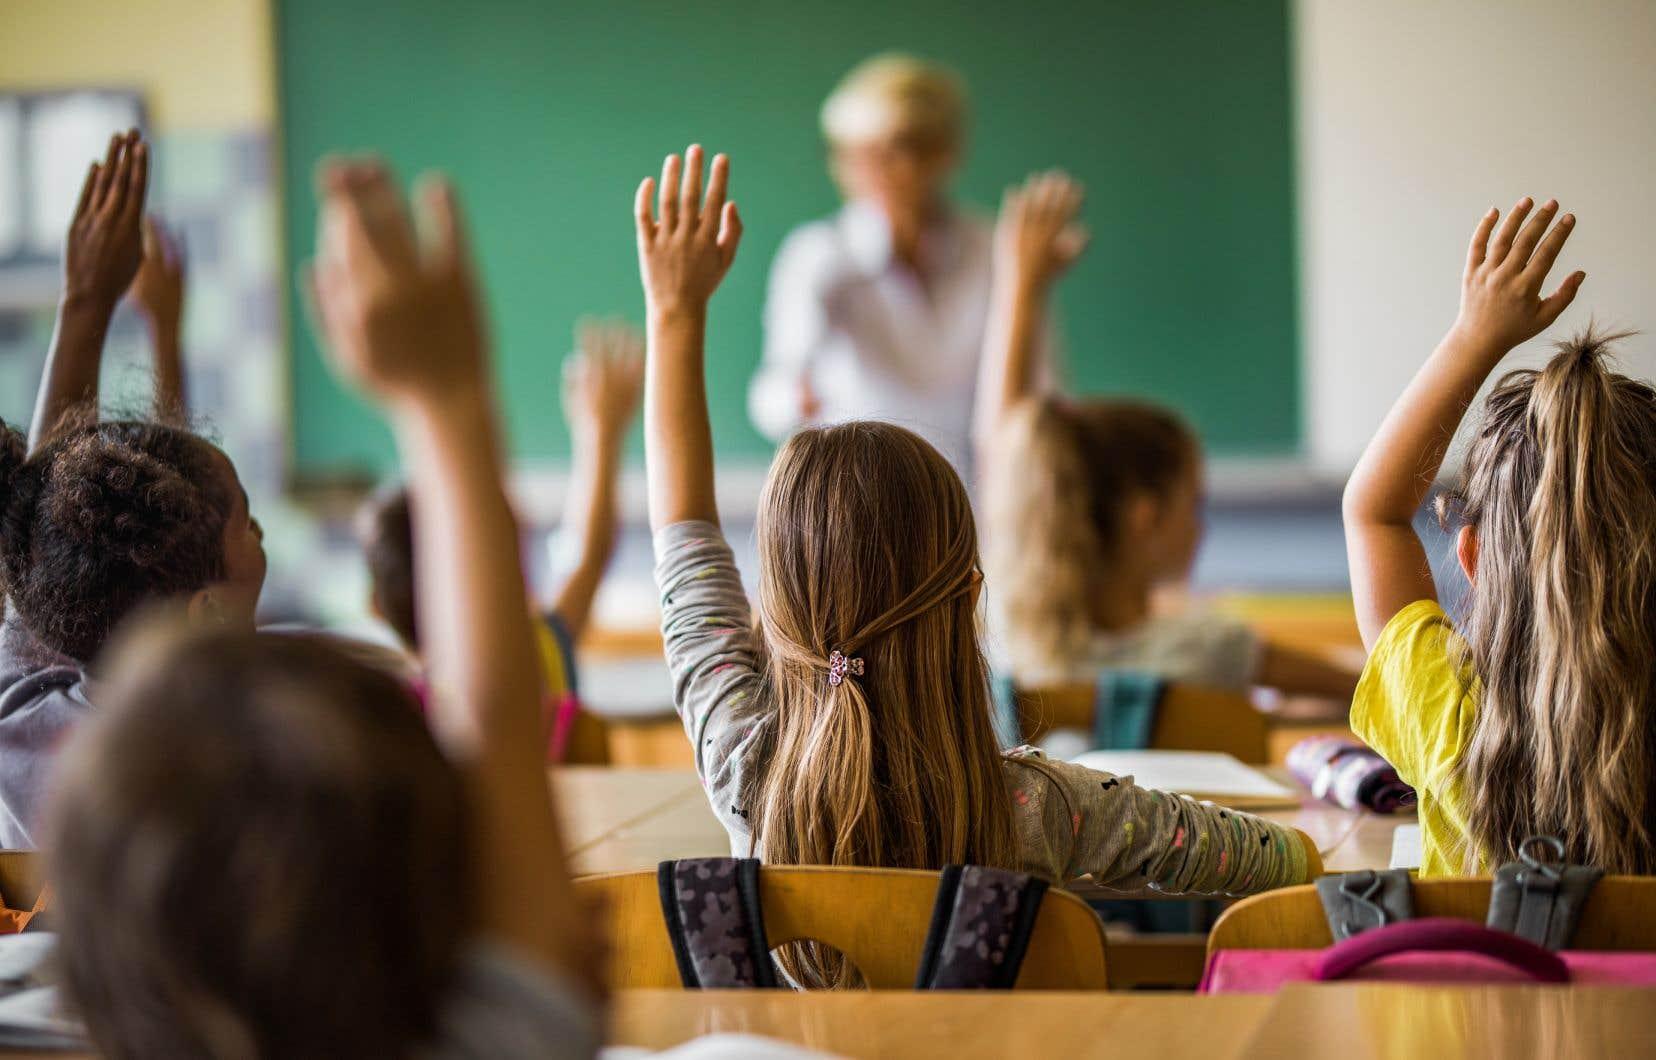 Des approches pédagogiques qui ne tiennent pas compte des besoins des enfants peuvent être des facteurs de risque de décrochage scolaire.